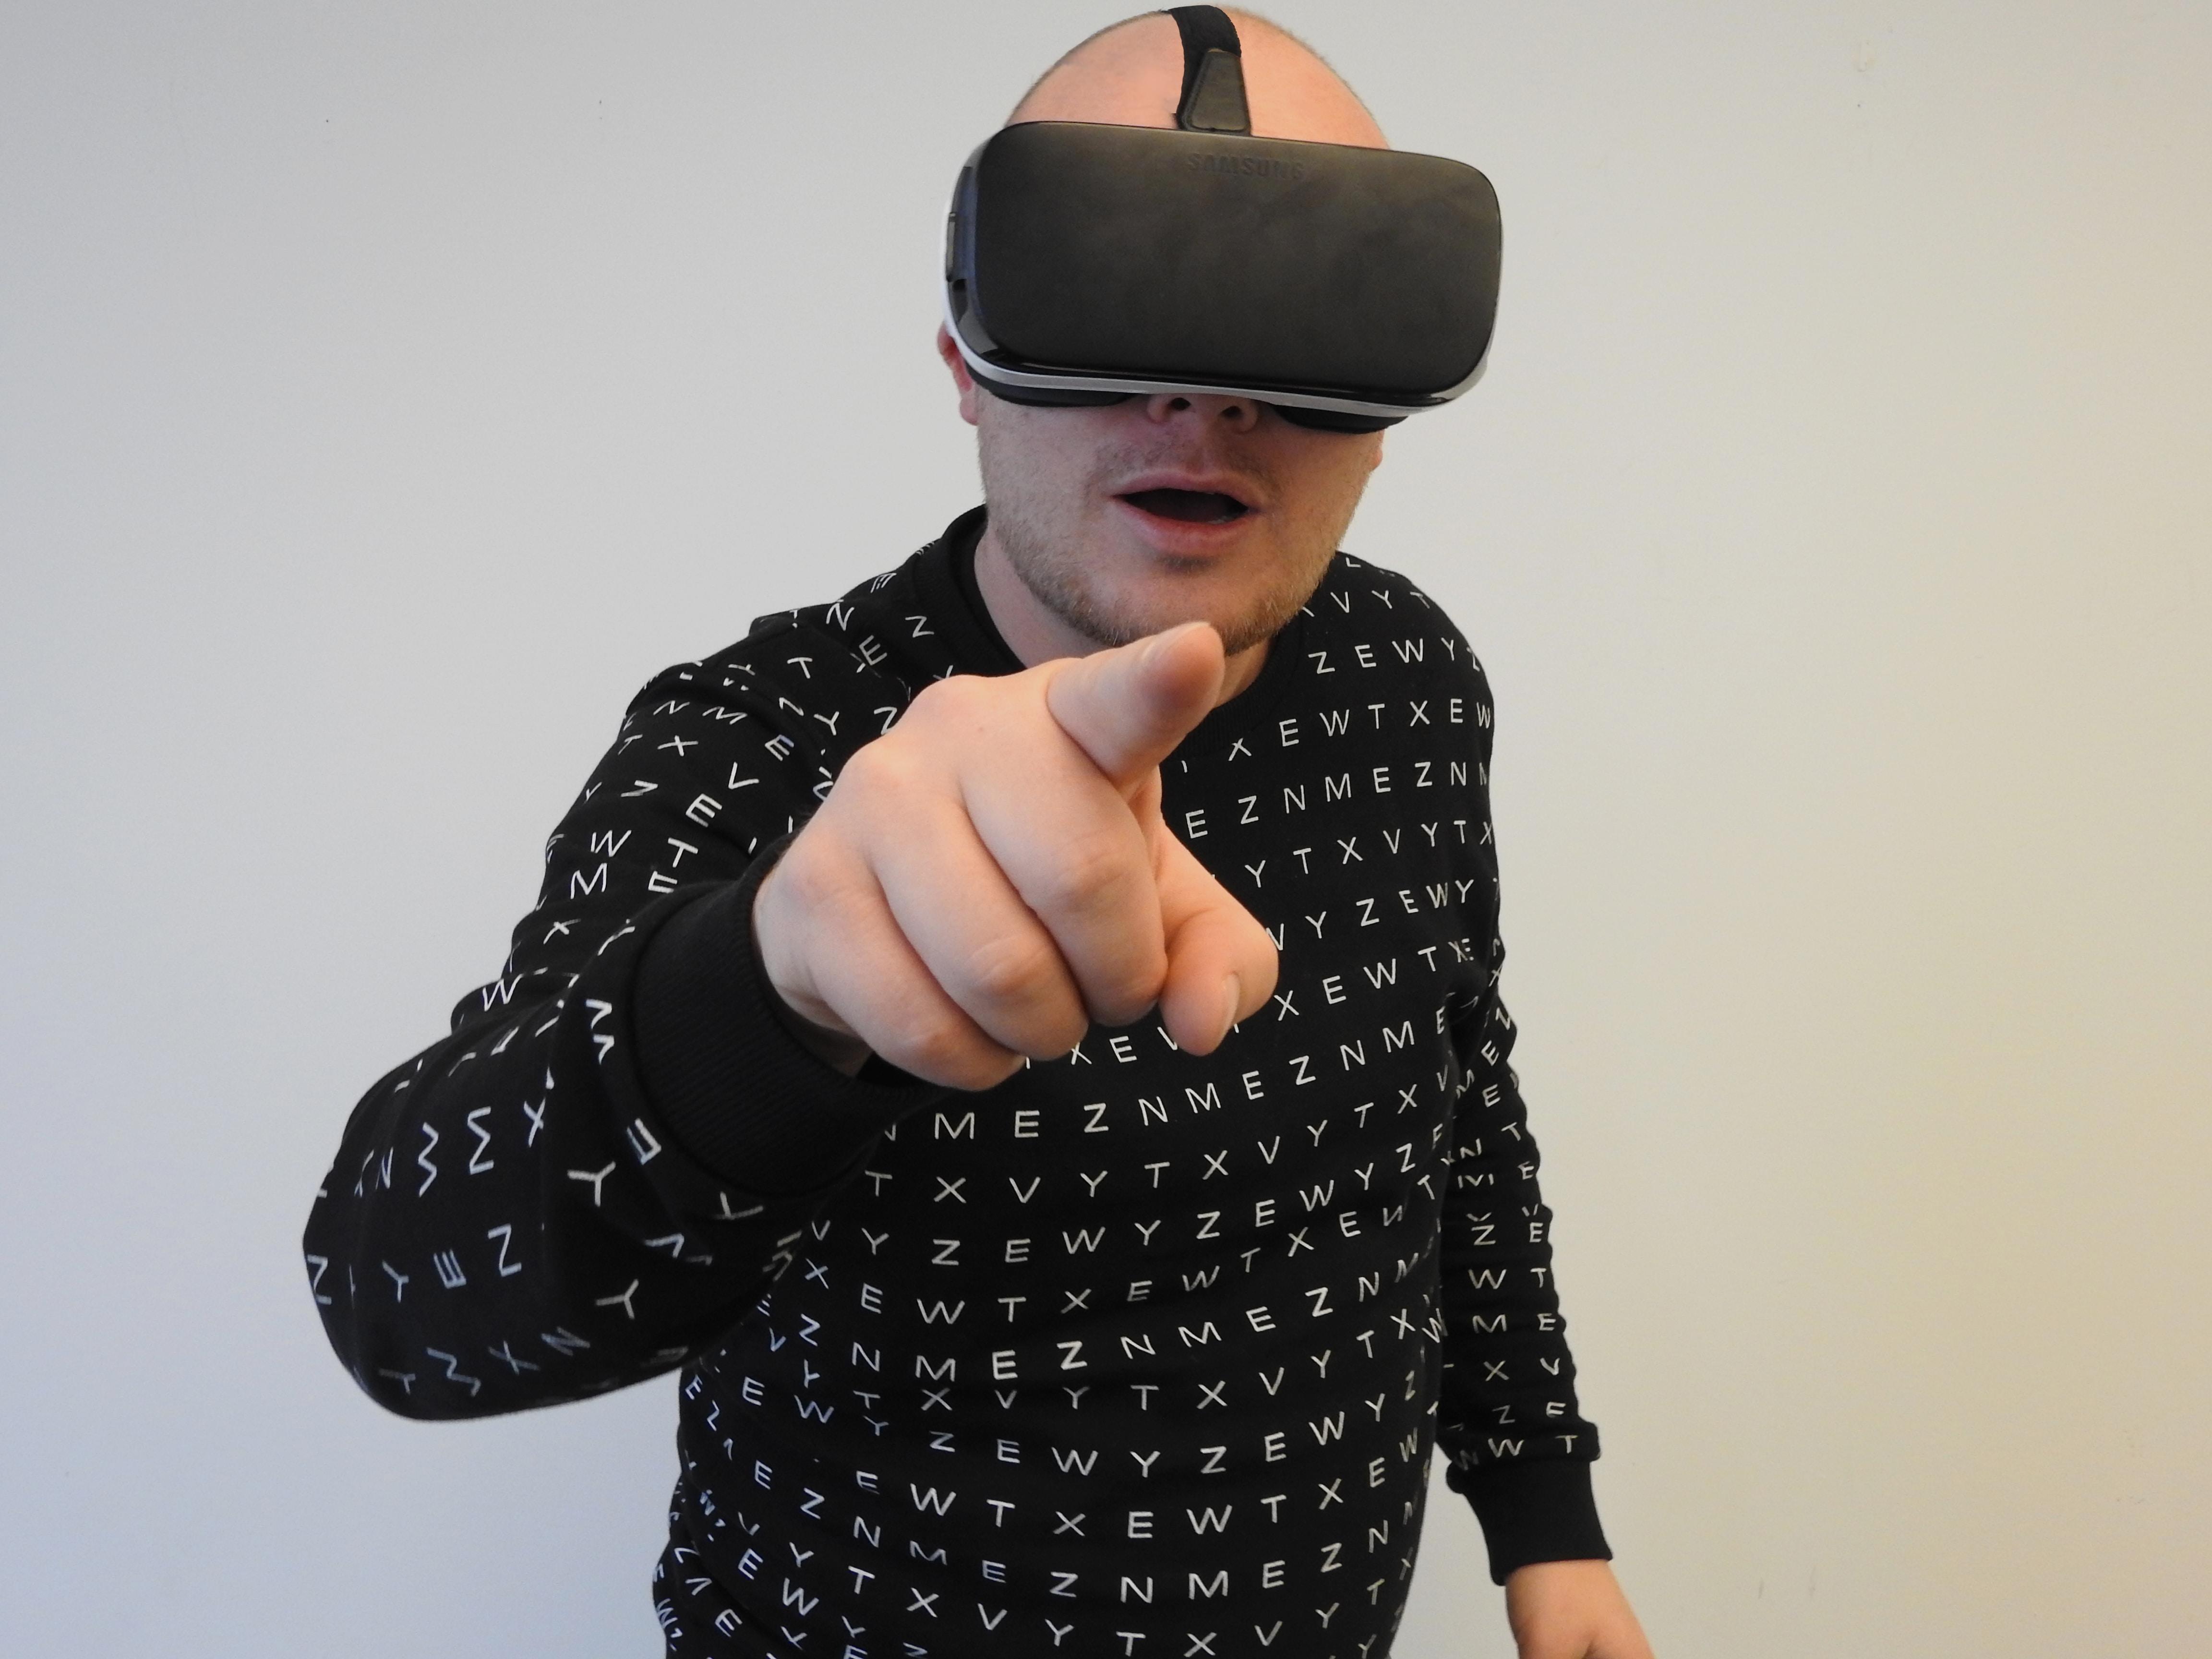 Internet creará realidades alternativas, si no lo evitamos